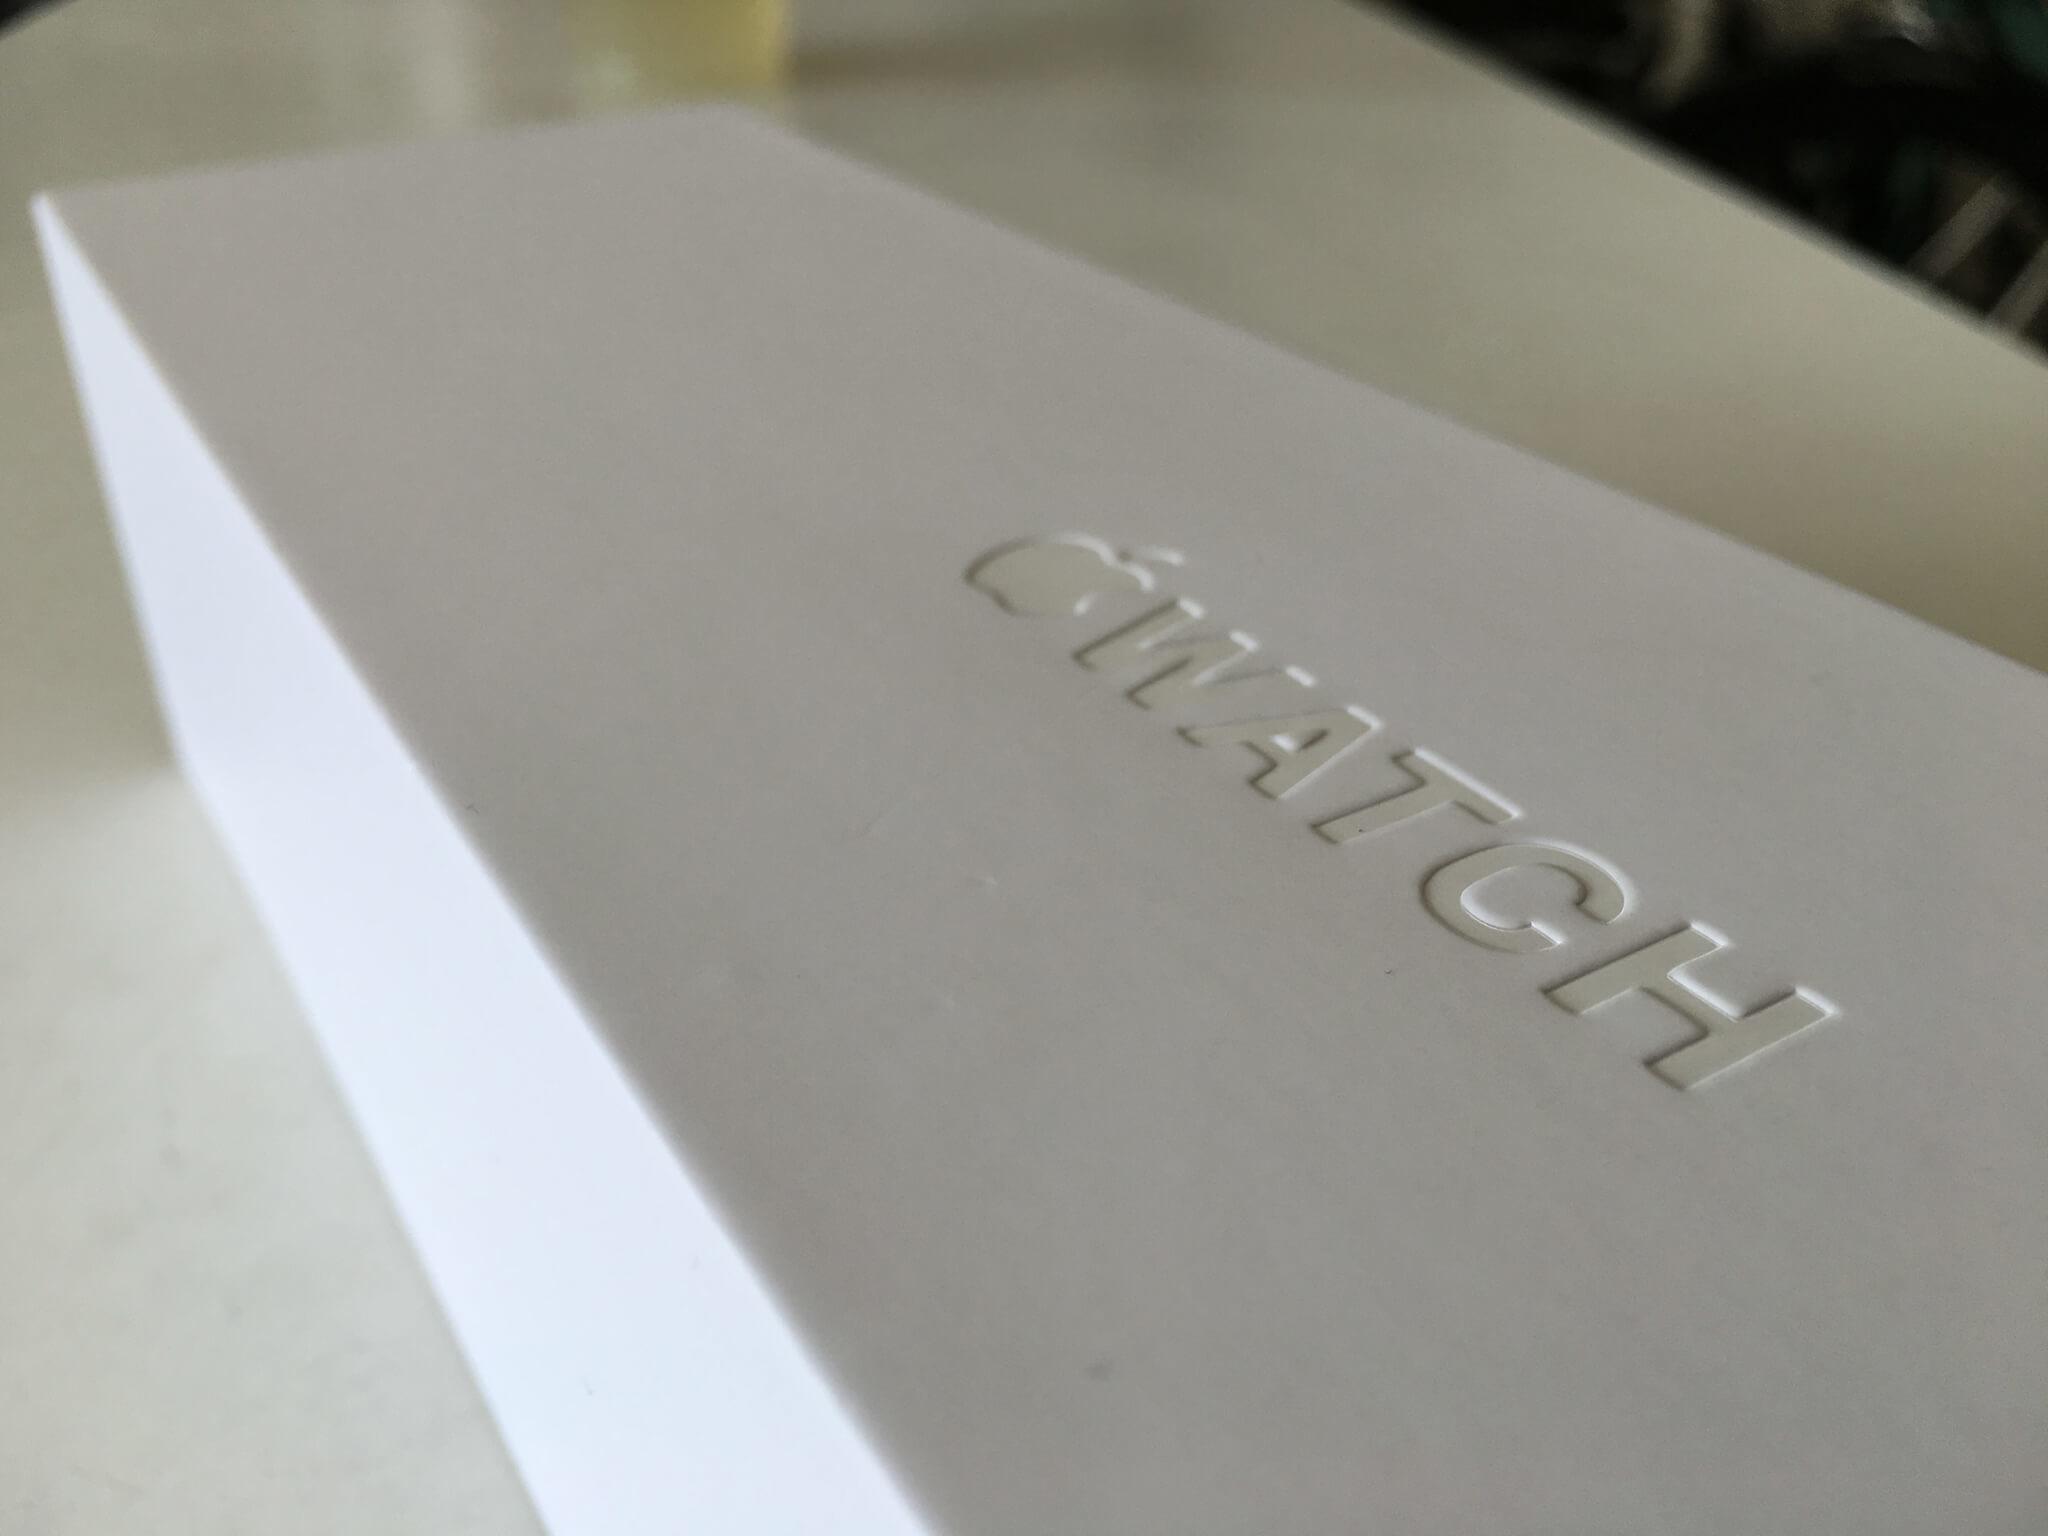 包裝盒正上方會有  WATCH 的凹字